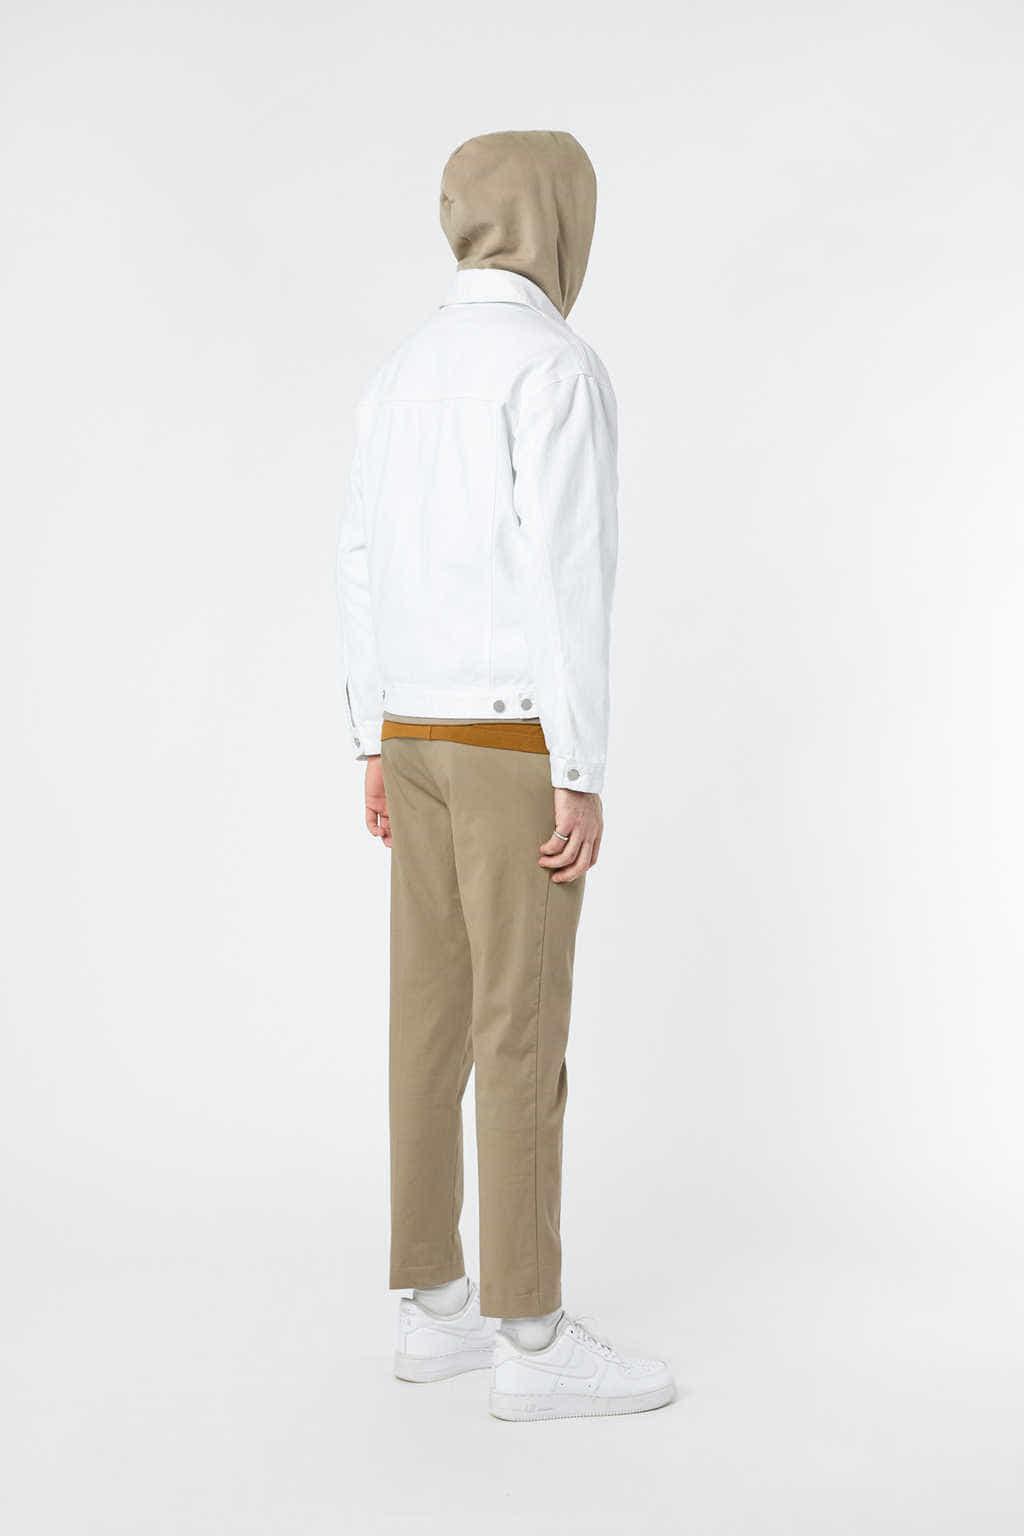 Denim Jacket 3318 White 21